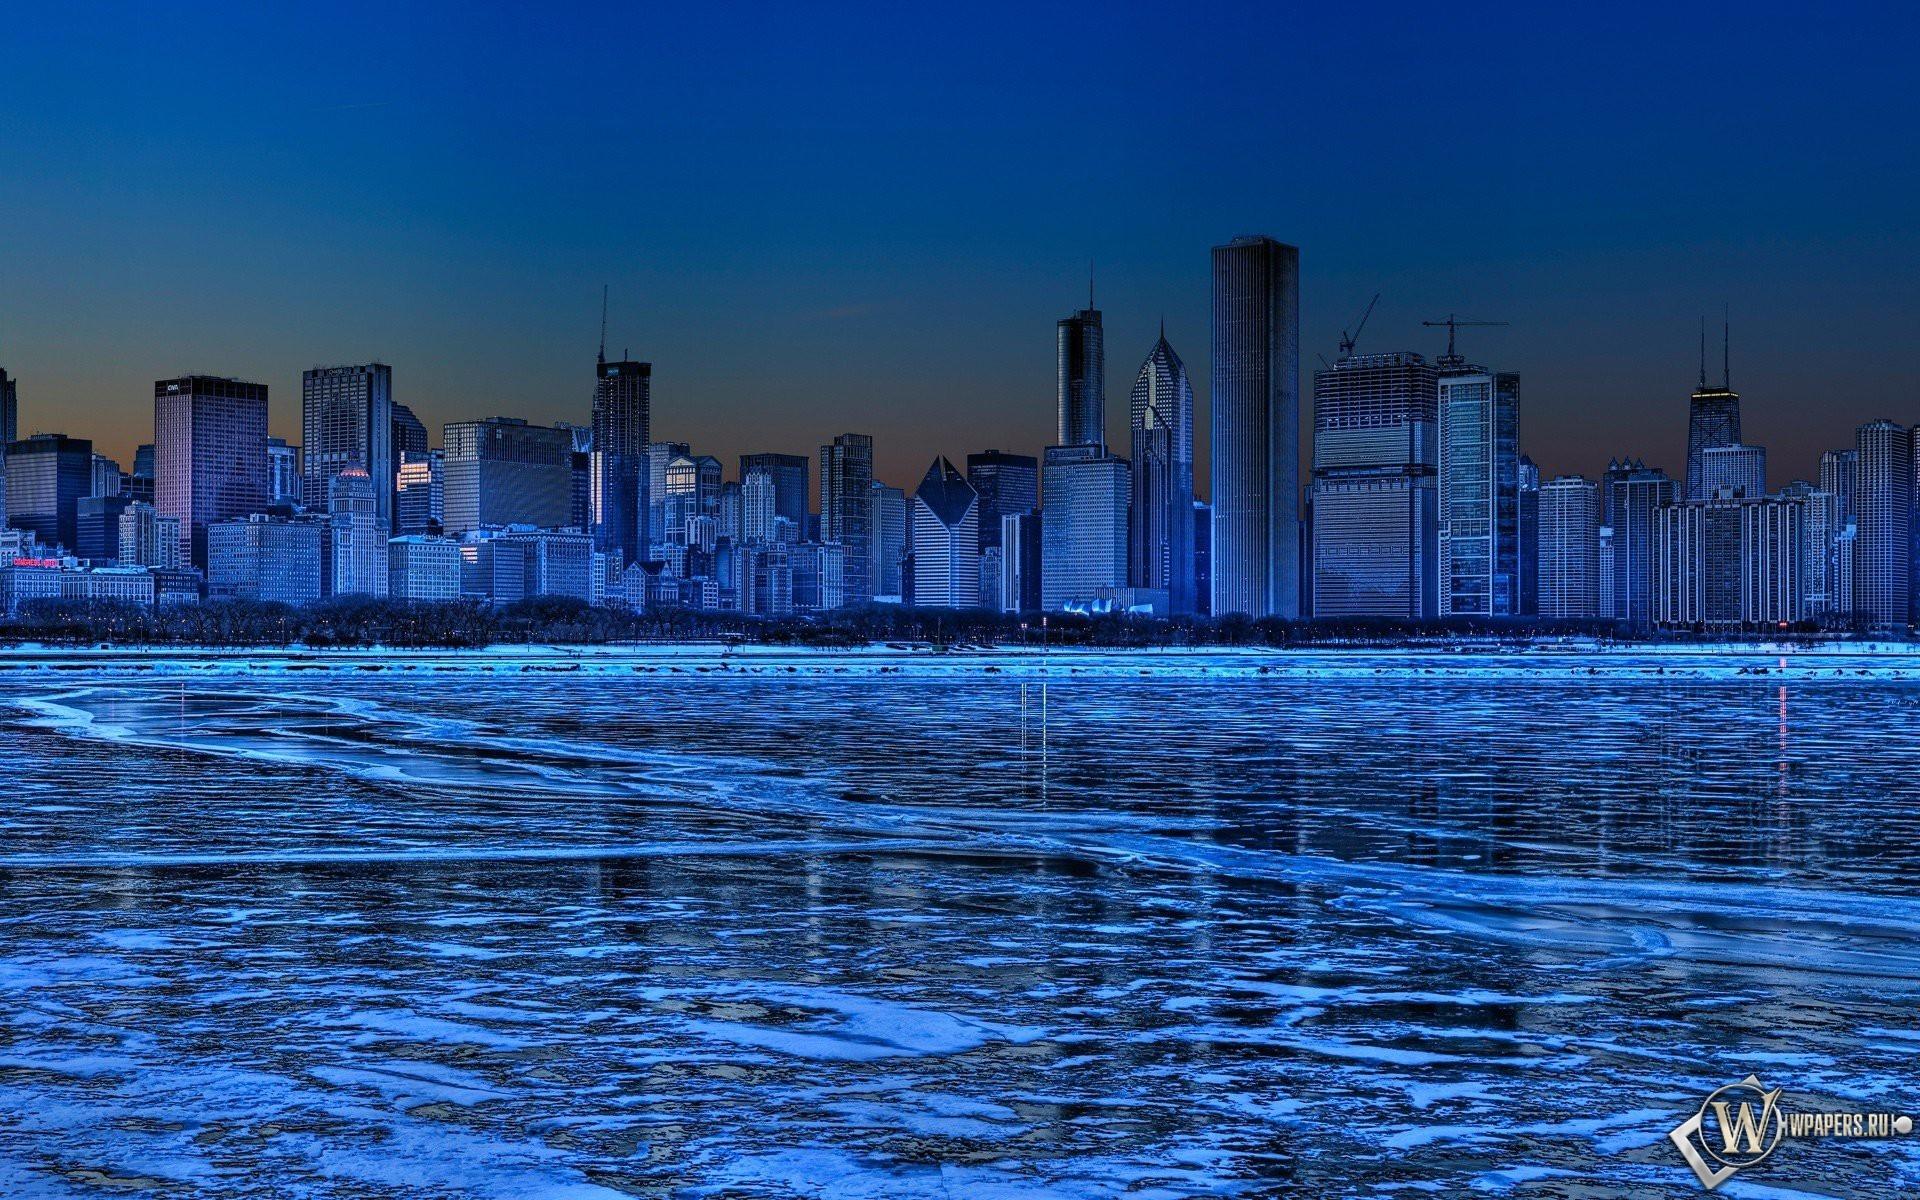 Ледяной город 1920x1200